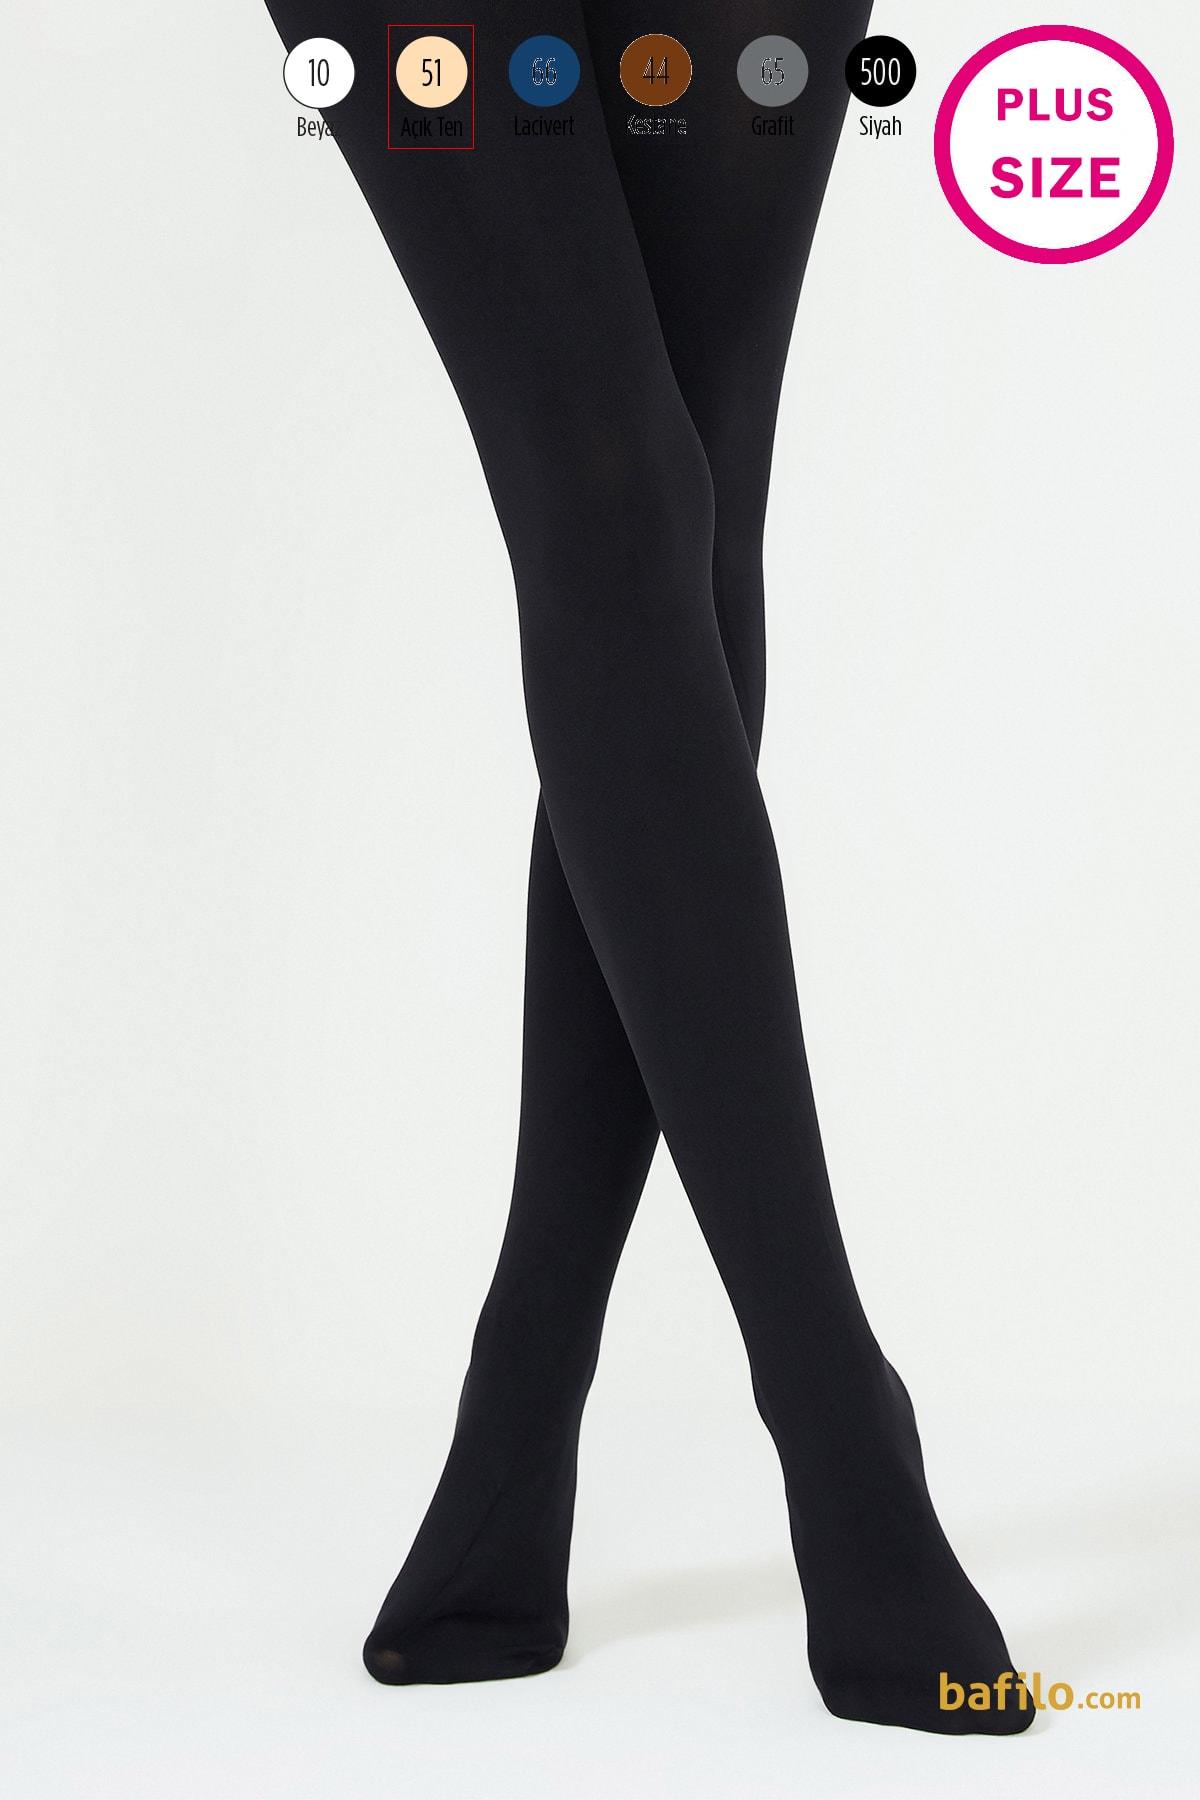 پنتی | Penti - جوراب شلواری سایز بزرگ ضخیم  Mikro 200 رنگ بدن روشن